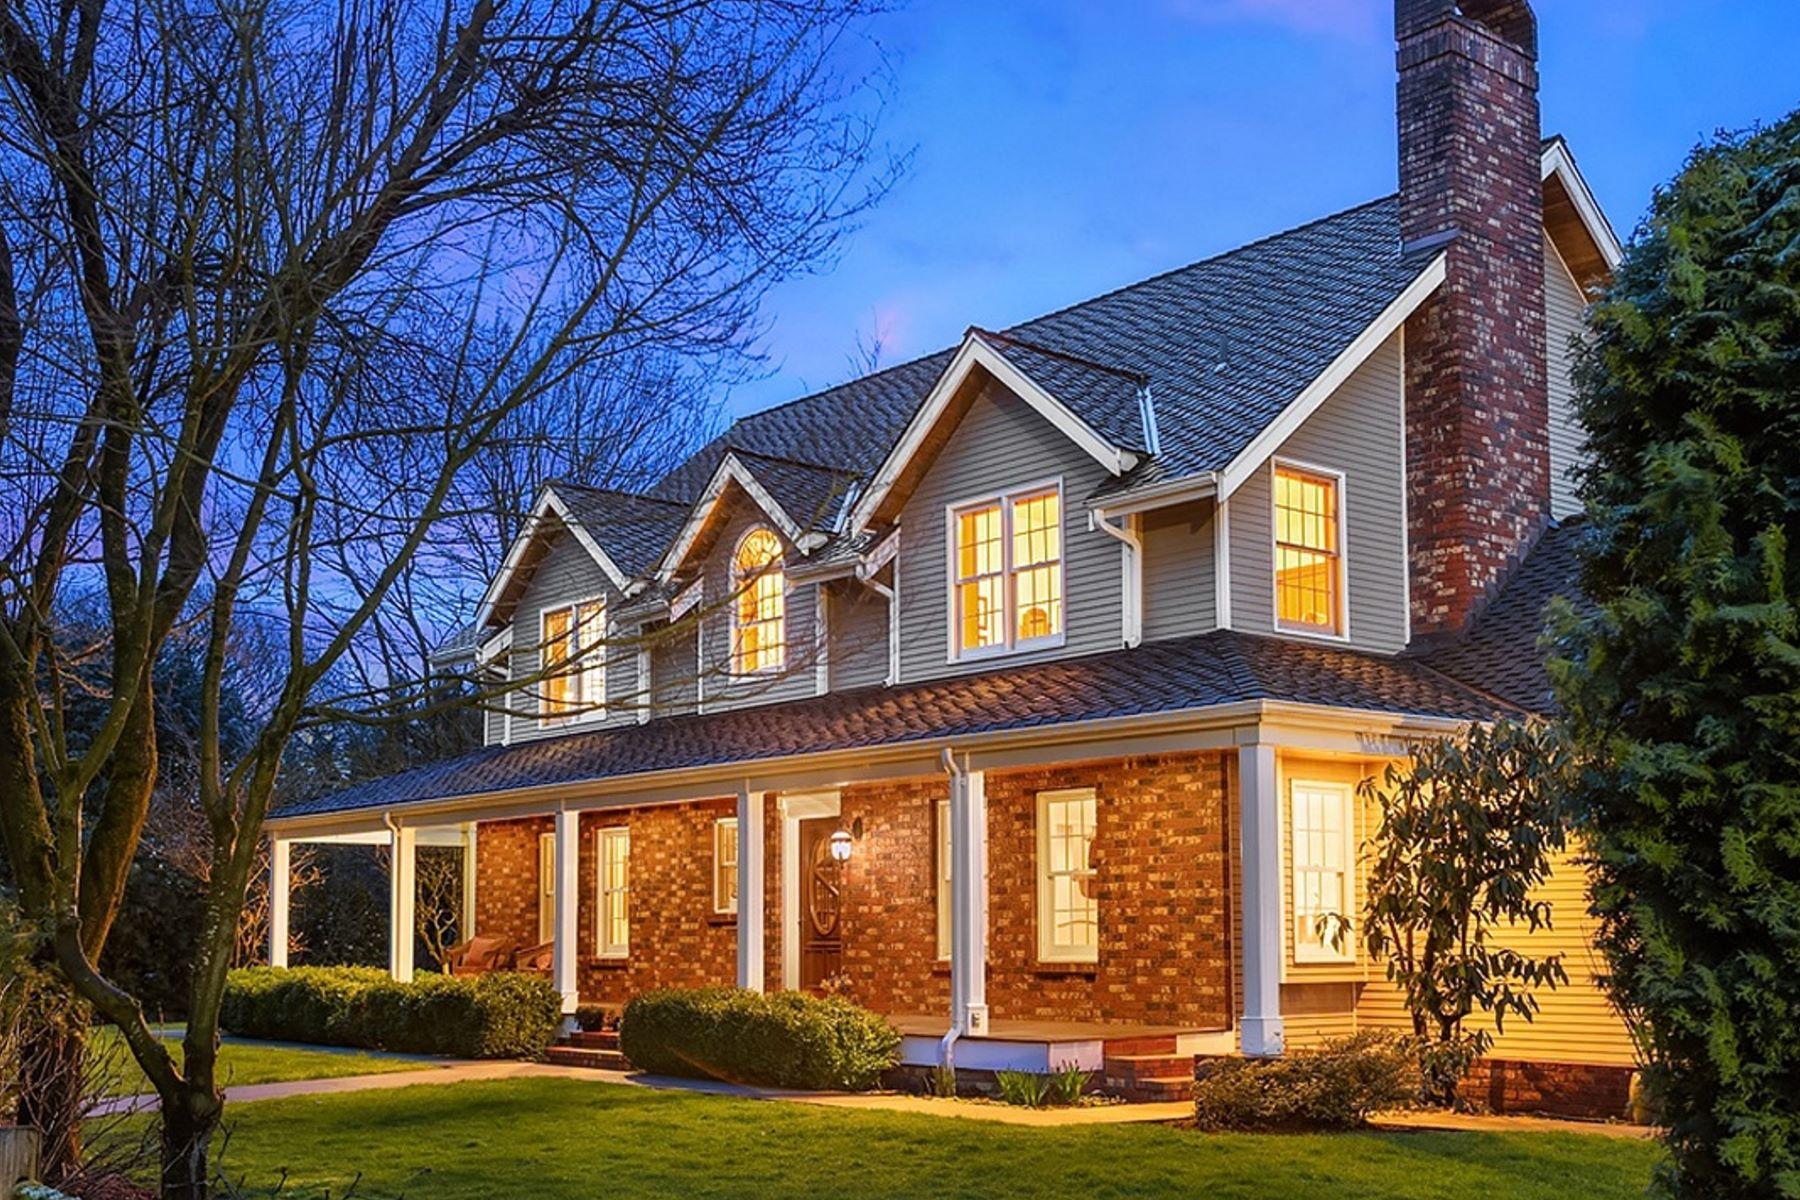 農場 / 牧場 / 種植場 為 出售 在 8985 Sunrise Rd, Custer, WA 98240 Custer, 華盛頓州 98240 美國